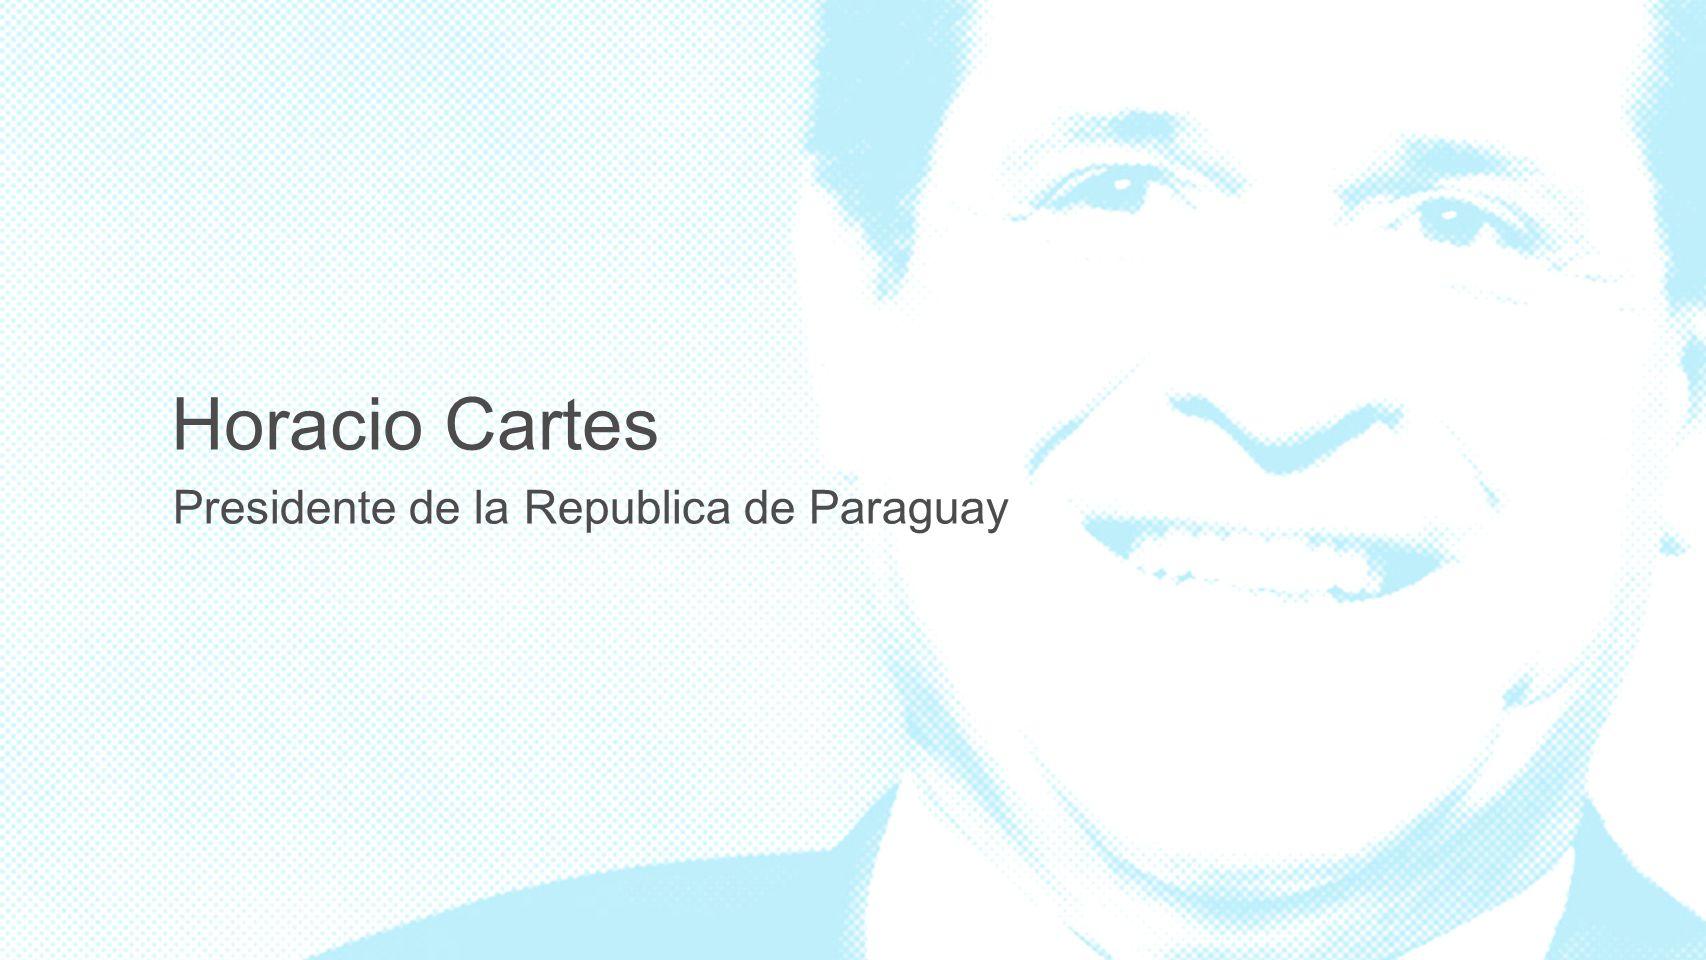 Horacio Cartes Presidente de la Republica de Paraguay 3 3